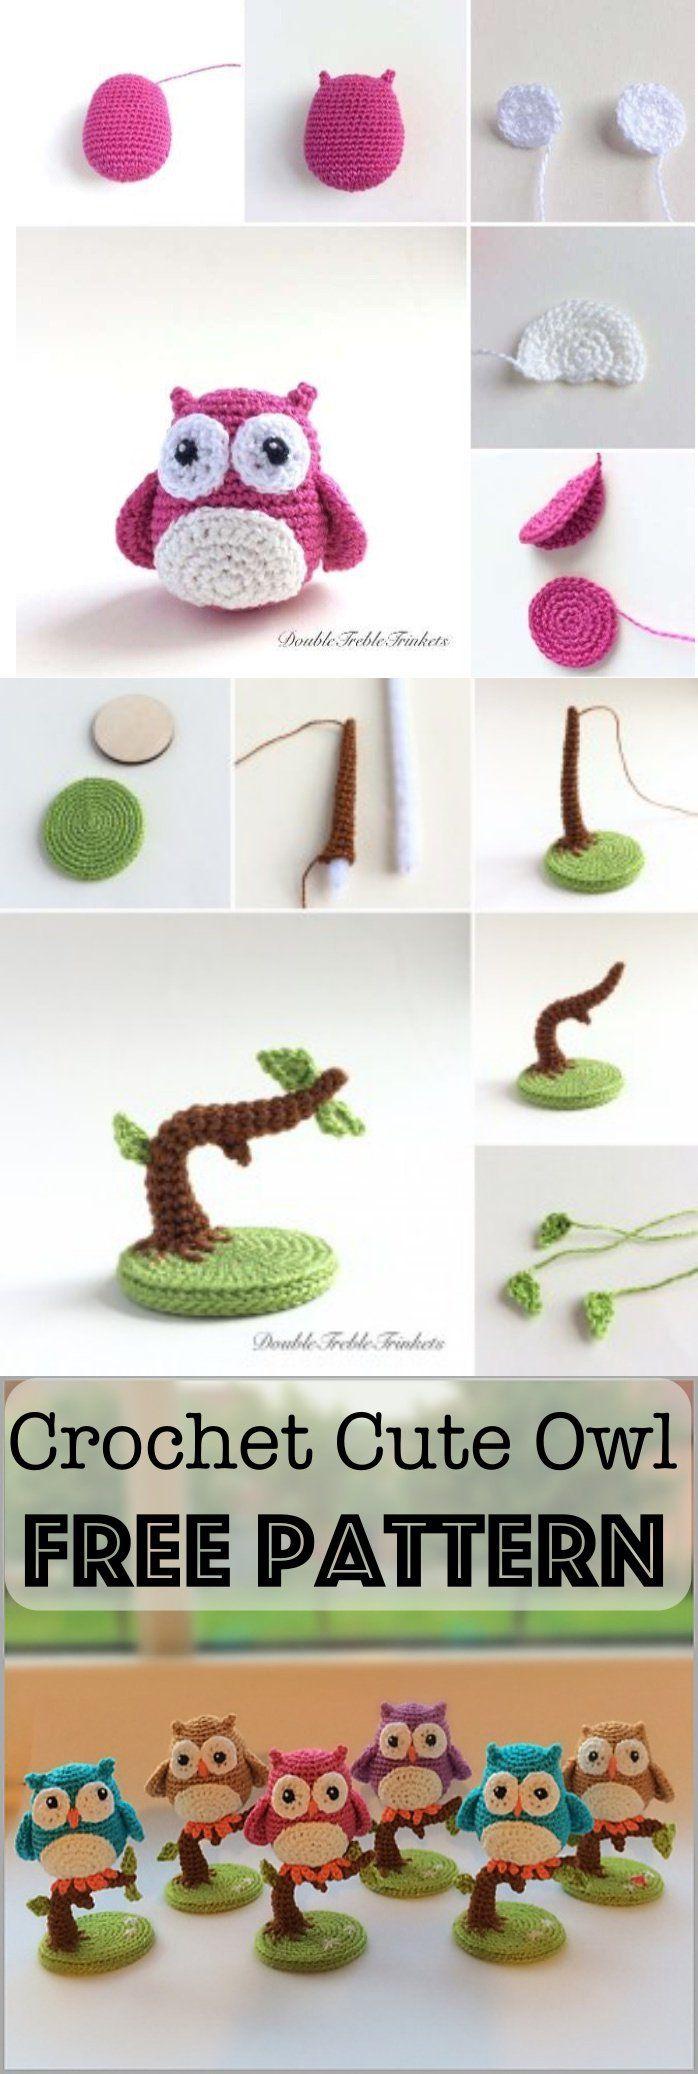 Crochet Cute Little Owls with Free Pattern   Buhos   Pinterest ...